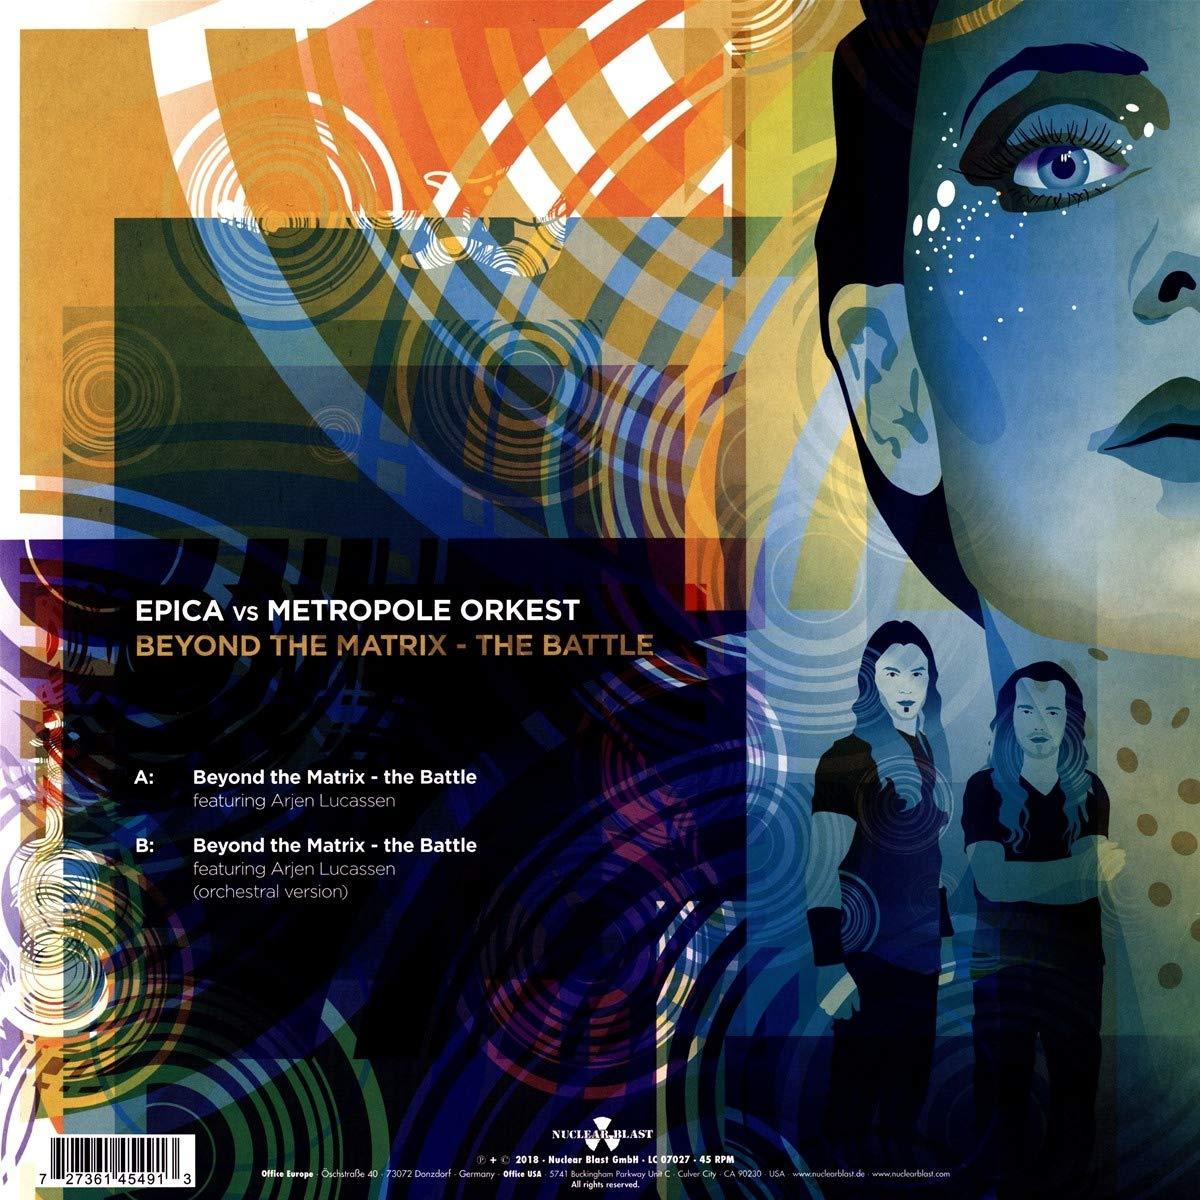 ¿Qué cd o vinilo has comprado hoy? - Página 2 71j34e10